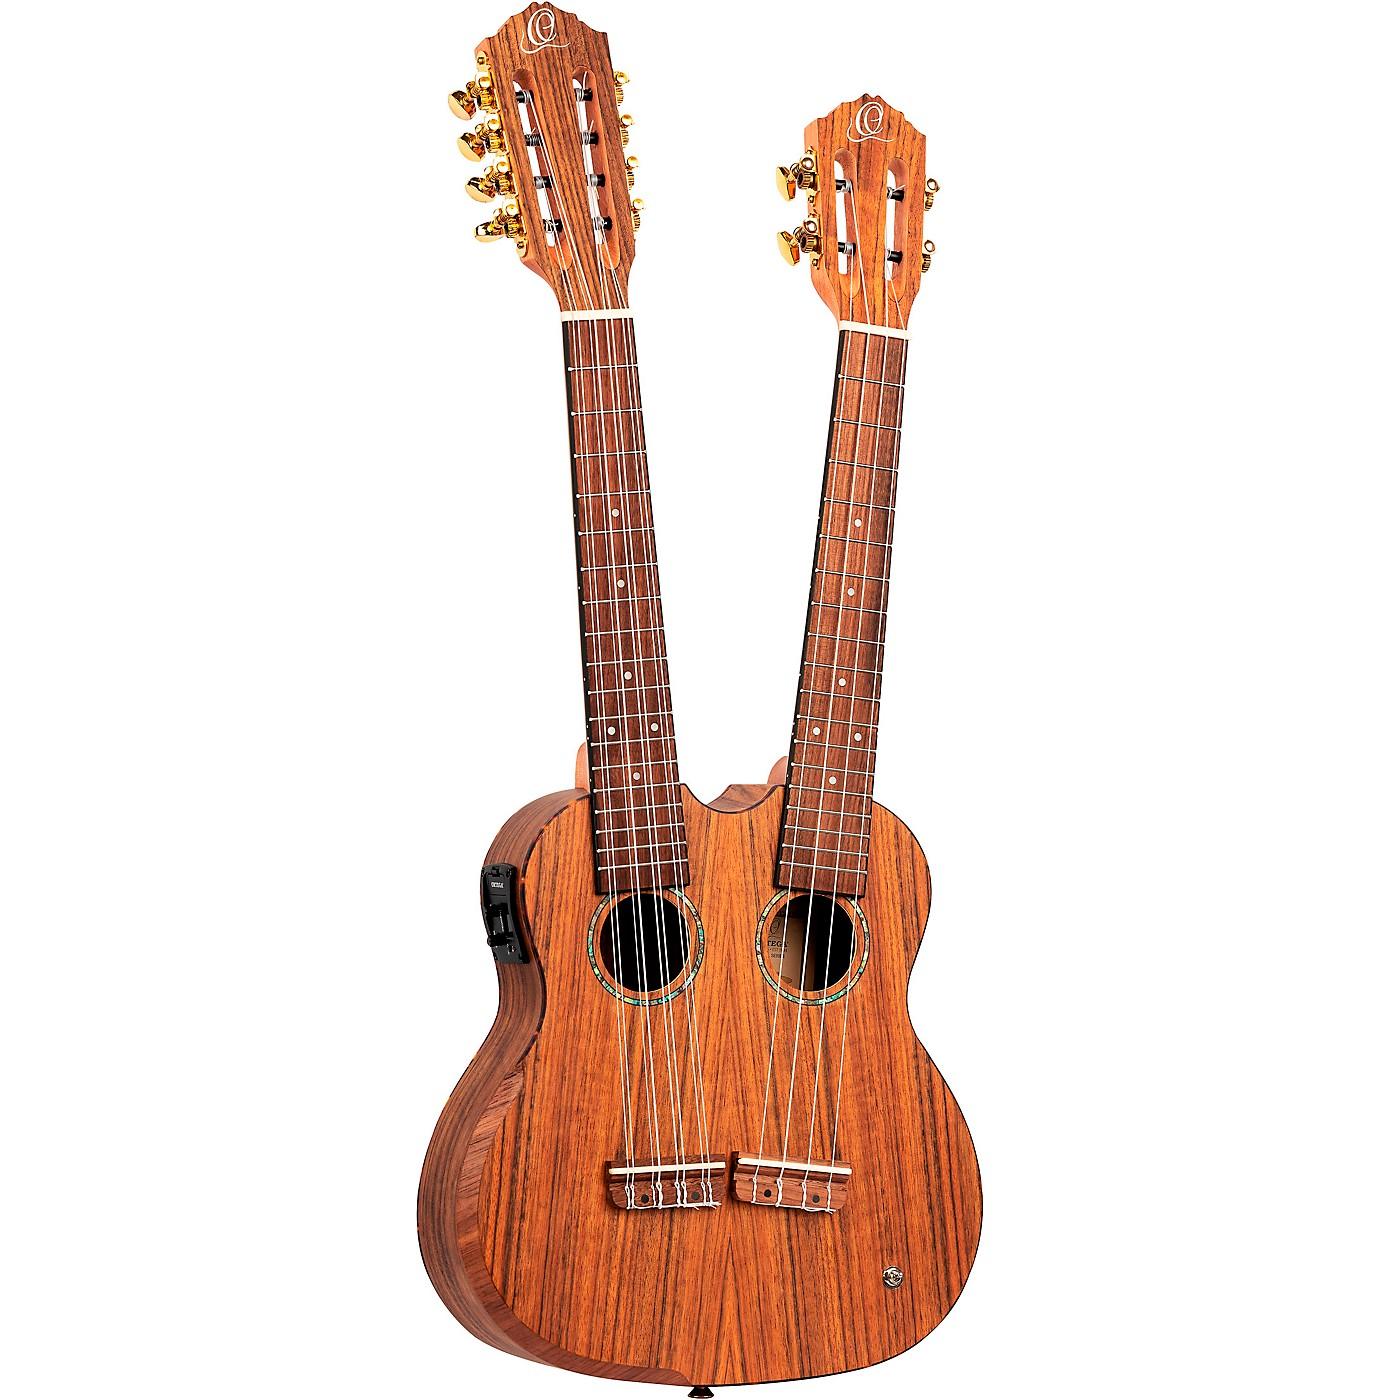 Ortega HYDRA Double Neck 4-String & 8-String Tenor Acoustic-Electric Ukulele thumbnail